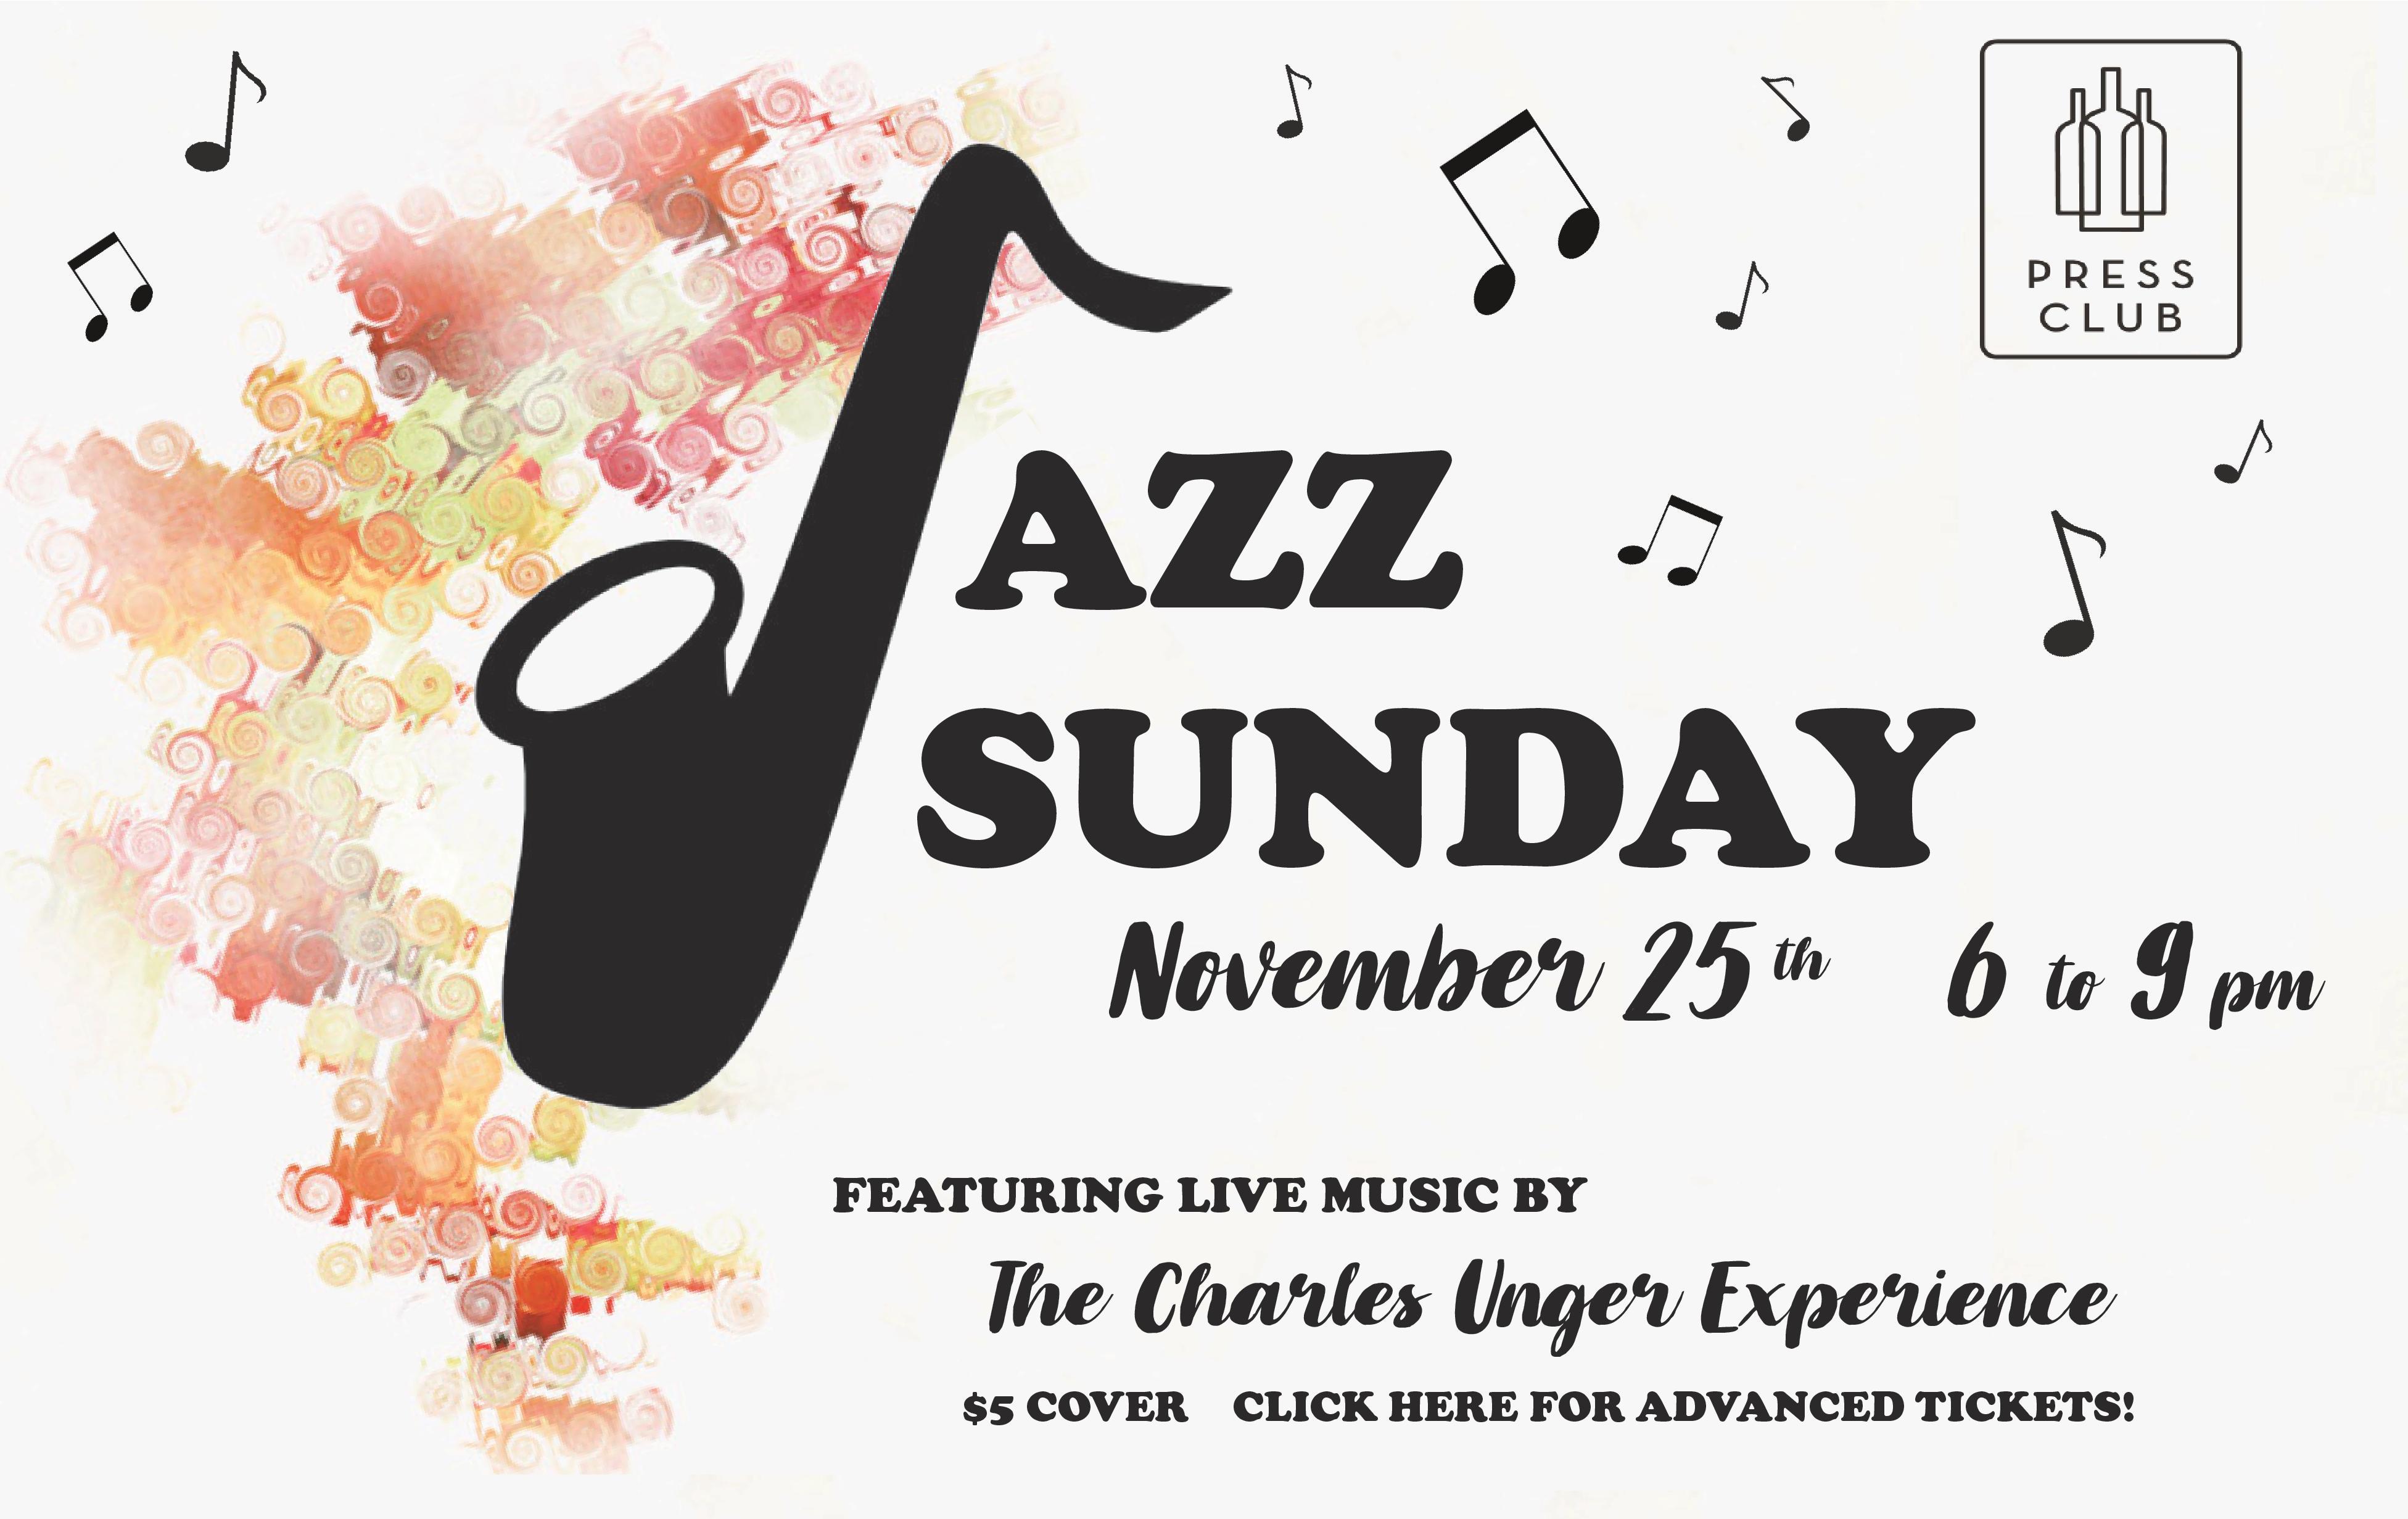 JPG -WEBSITE - Jazz Sunday 11.25.18